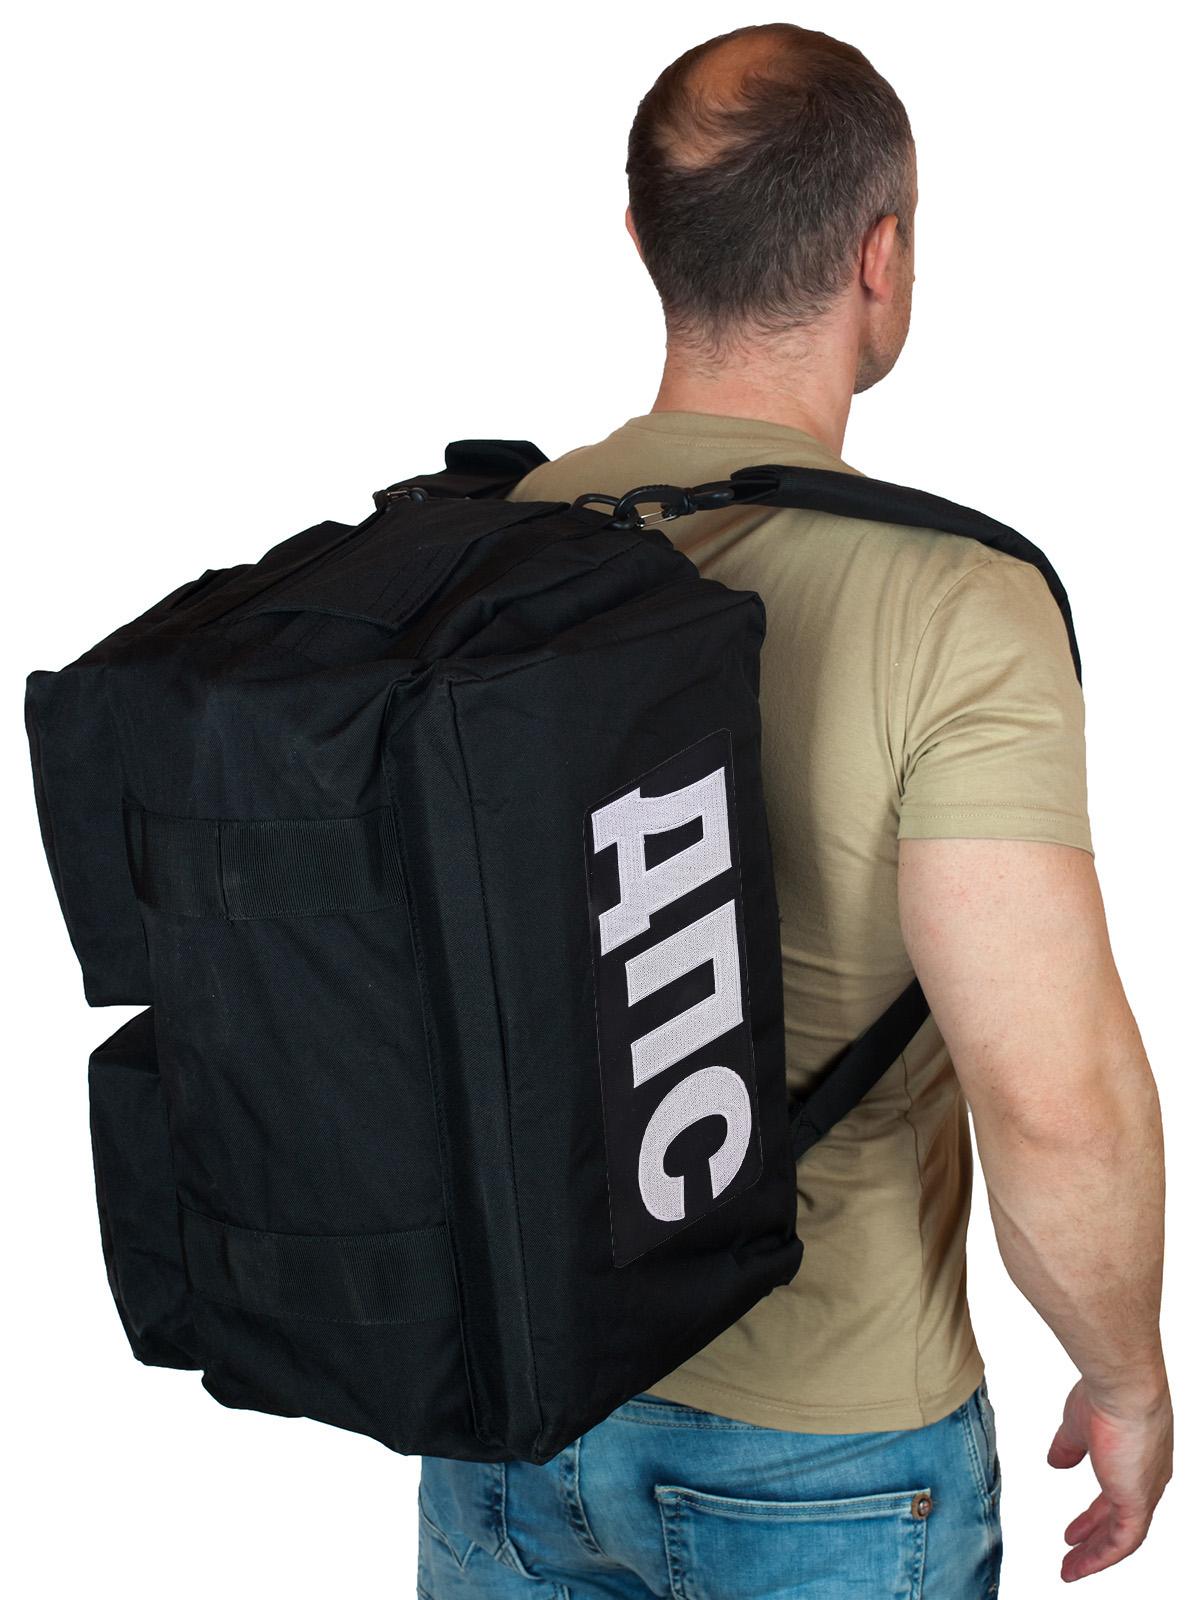 Купить надежную мужскую сумку-баул ДПС по экономичной цене